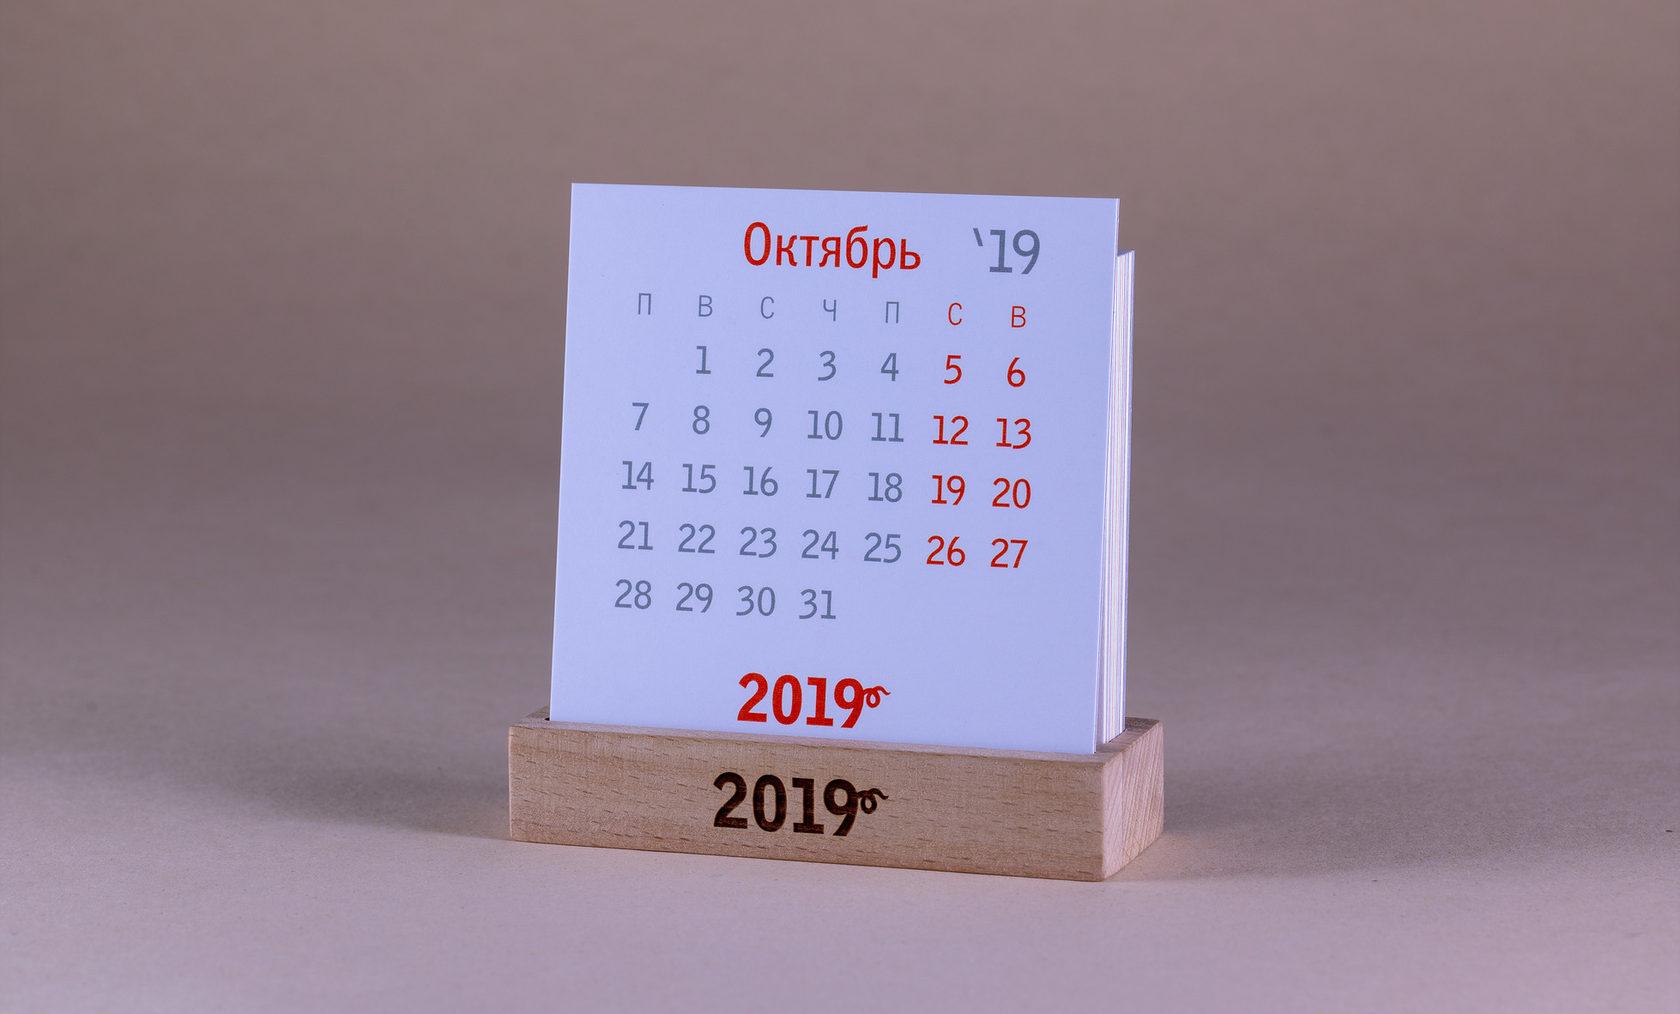 Настольный календарь Октябрь